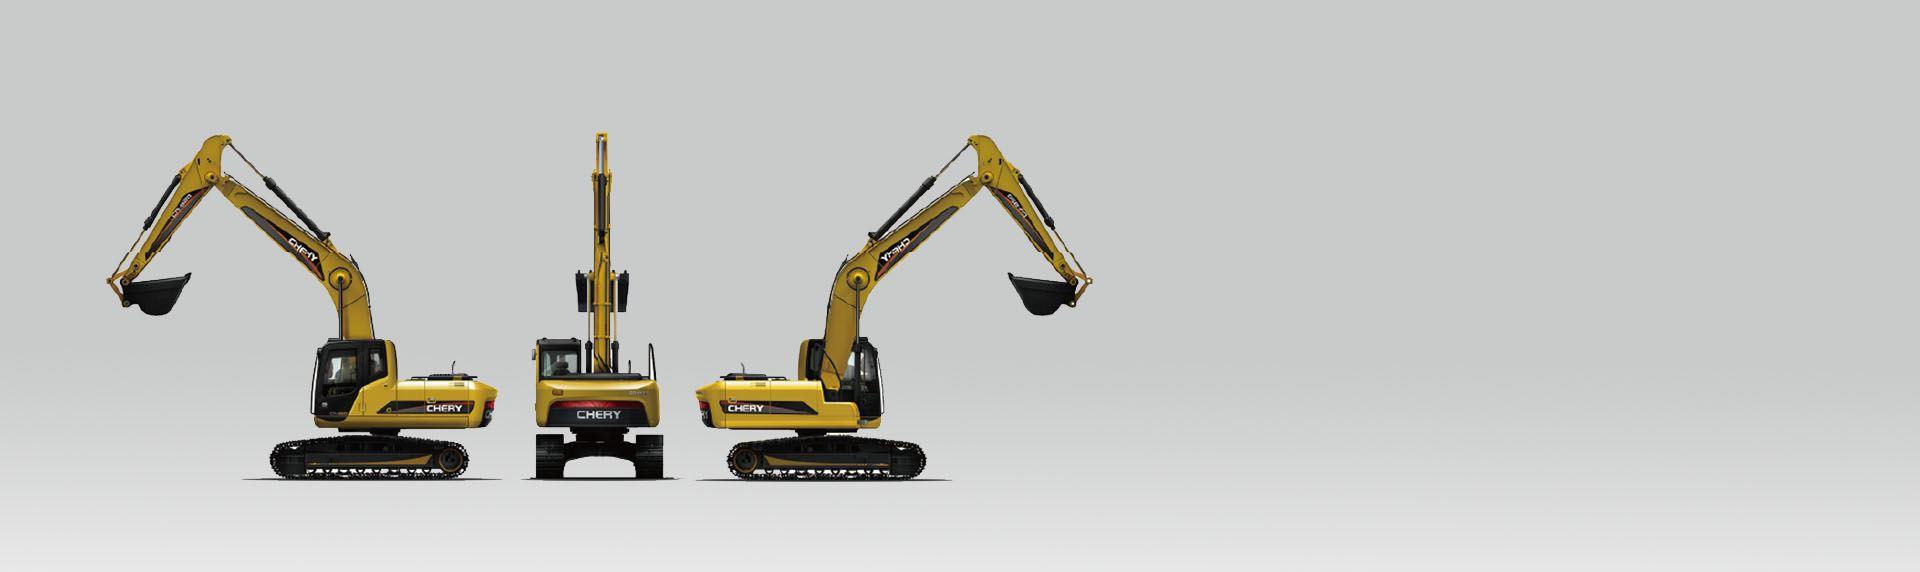 全球AU设计-奇瑞挖掘机